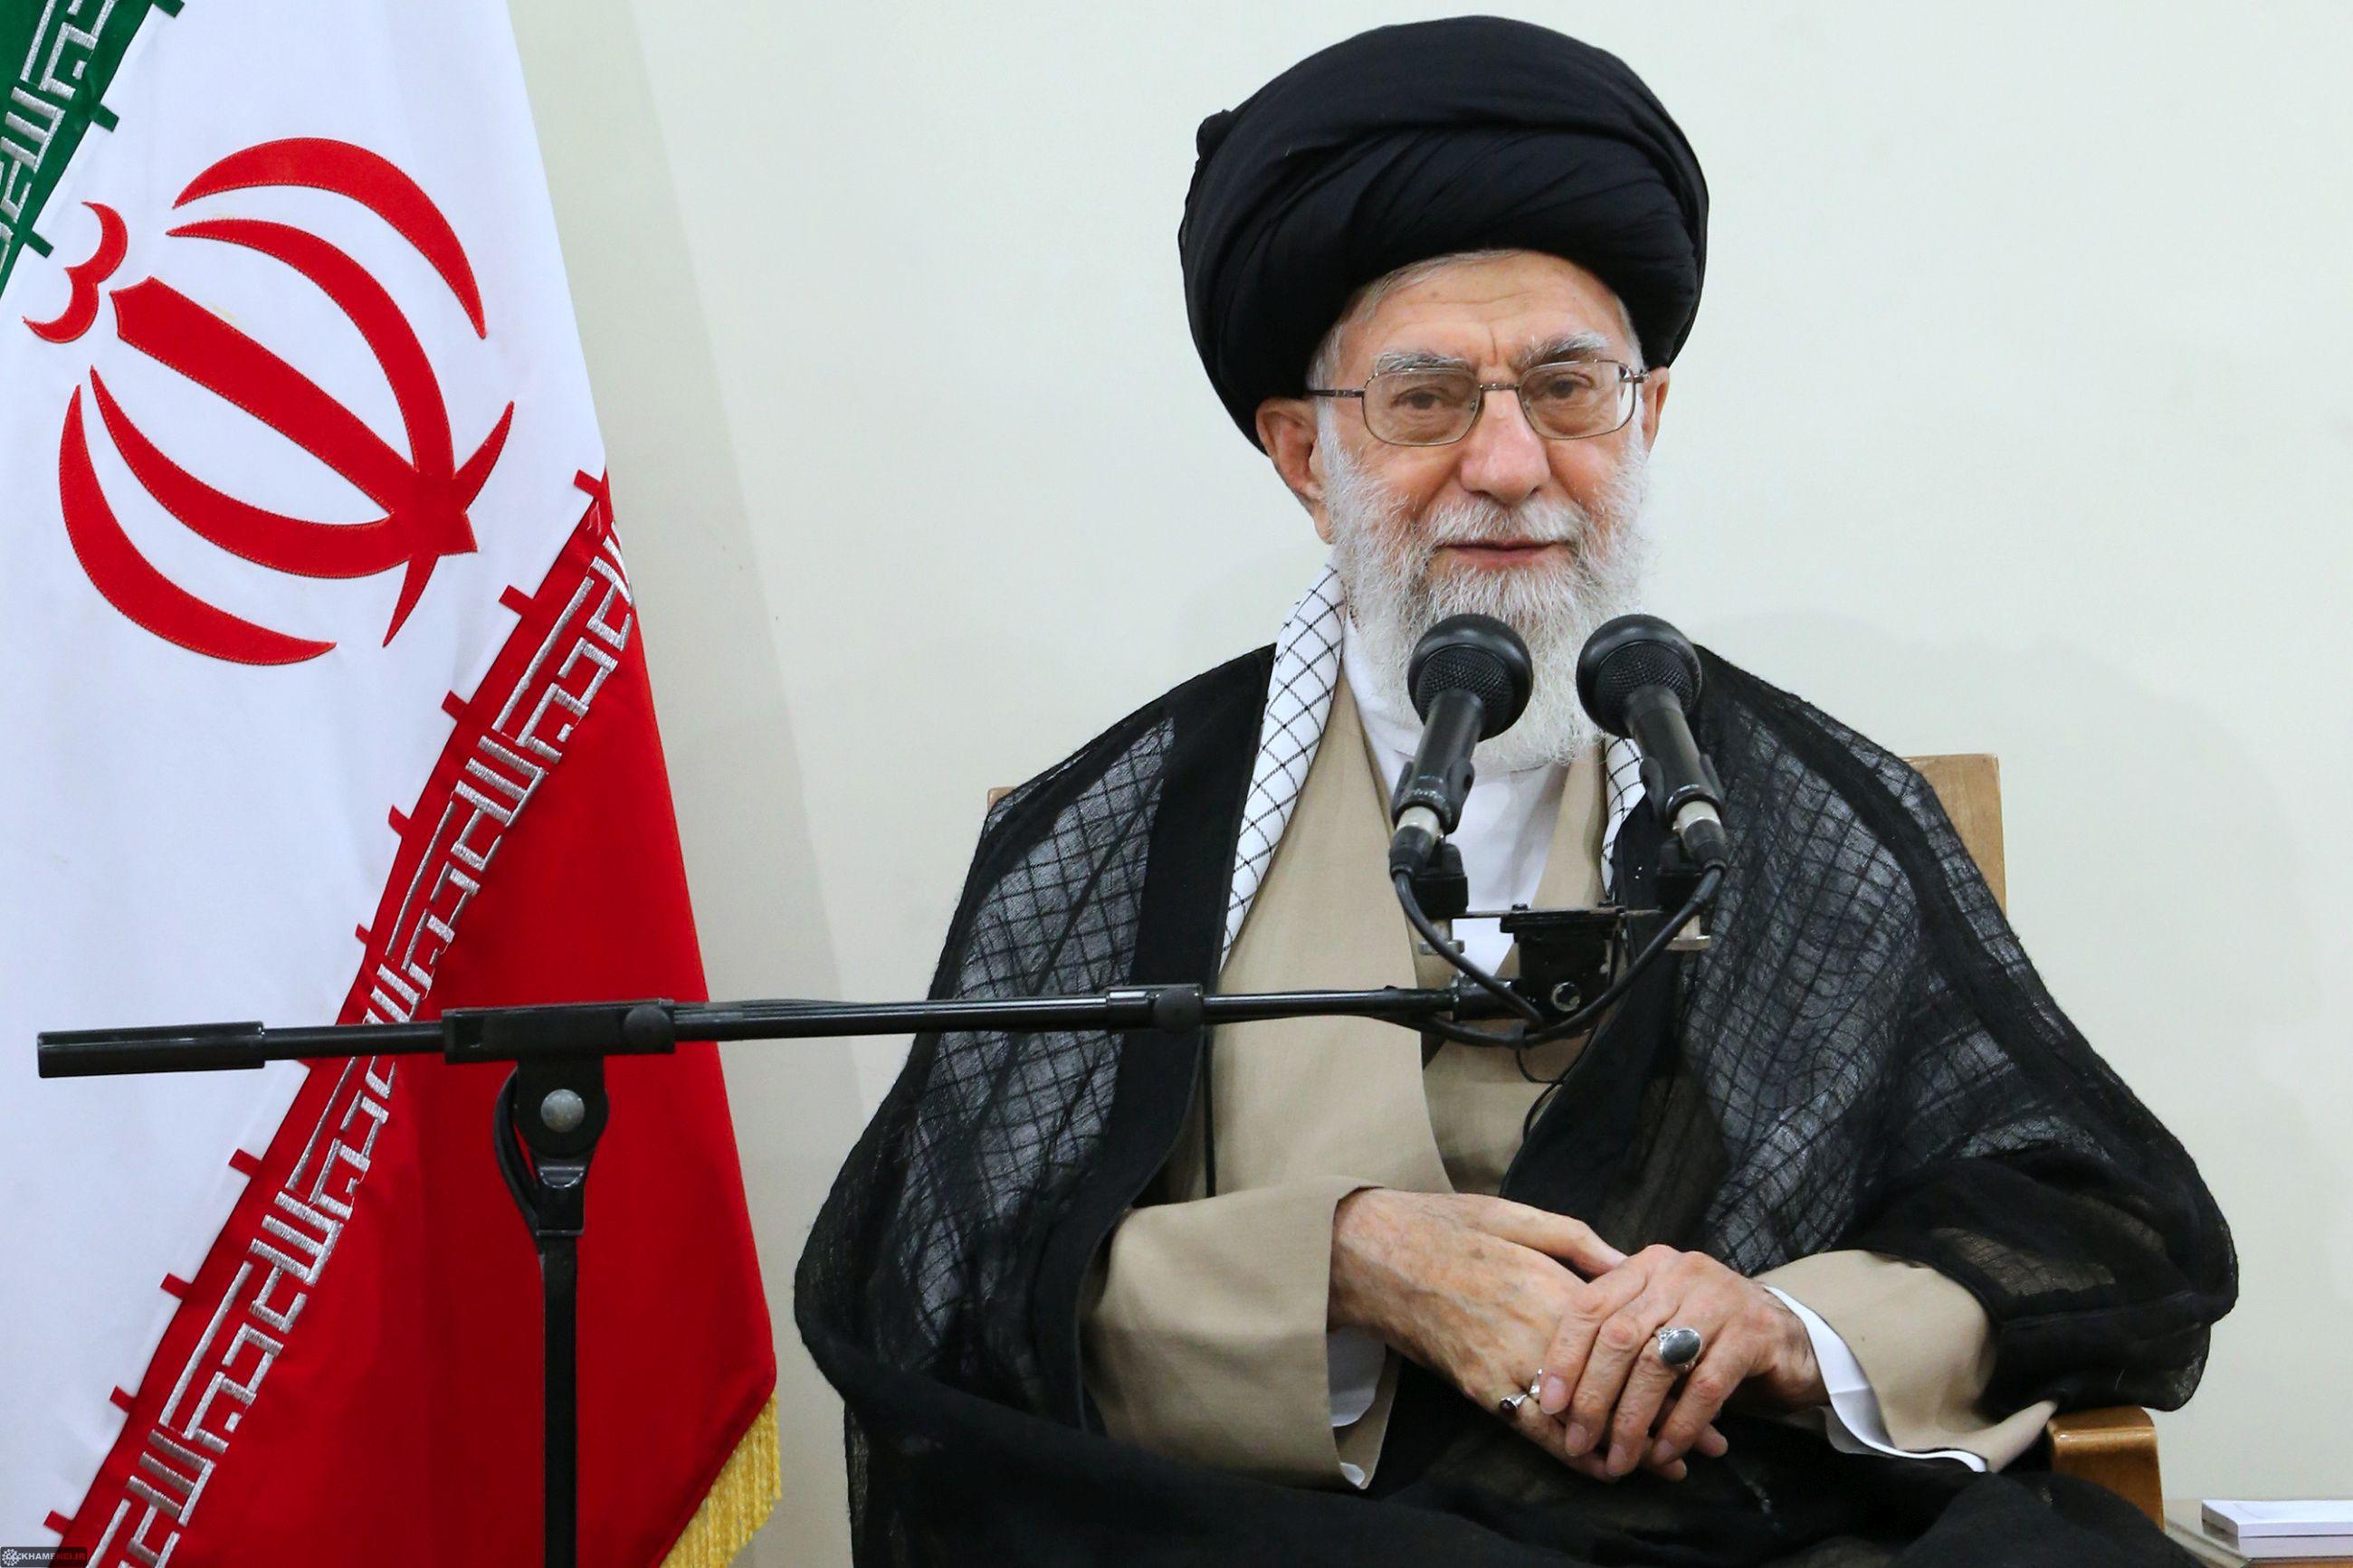 iranul-ameninta-ca-va-relansa-programul-nuclear-daca-sua-se-vor-retrage-din-acord